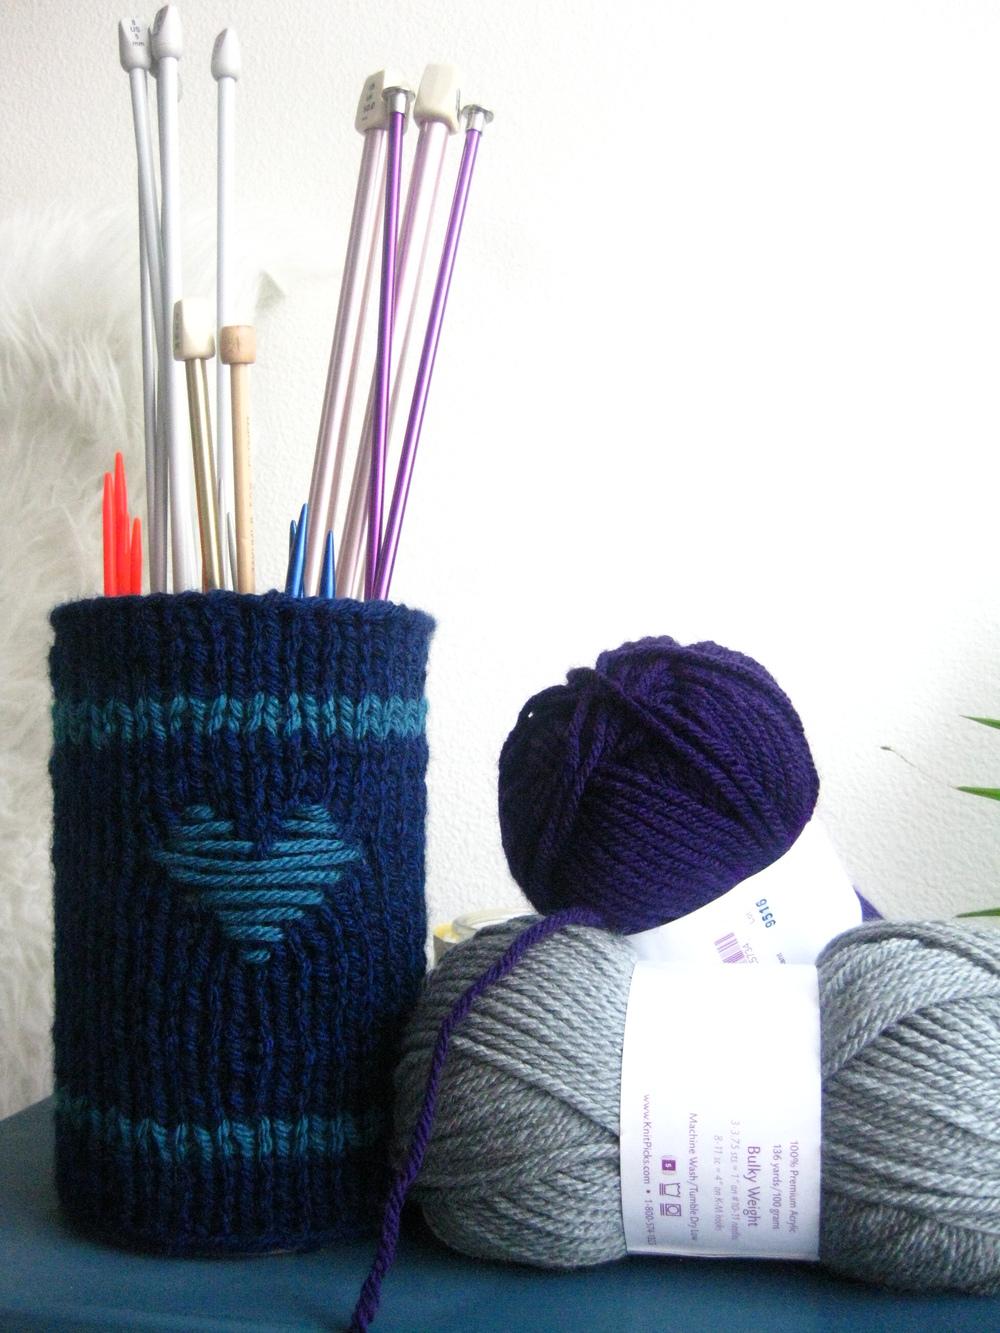 DIY Knitting Needle Holder